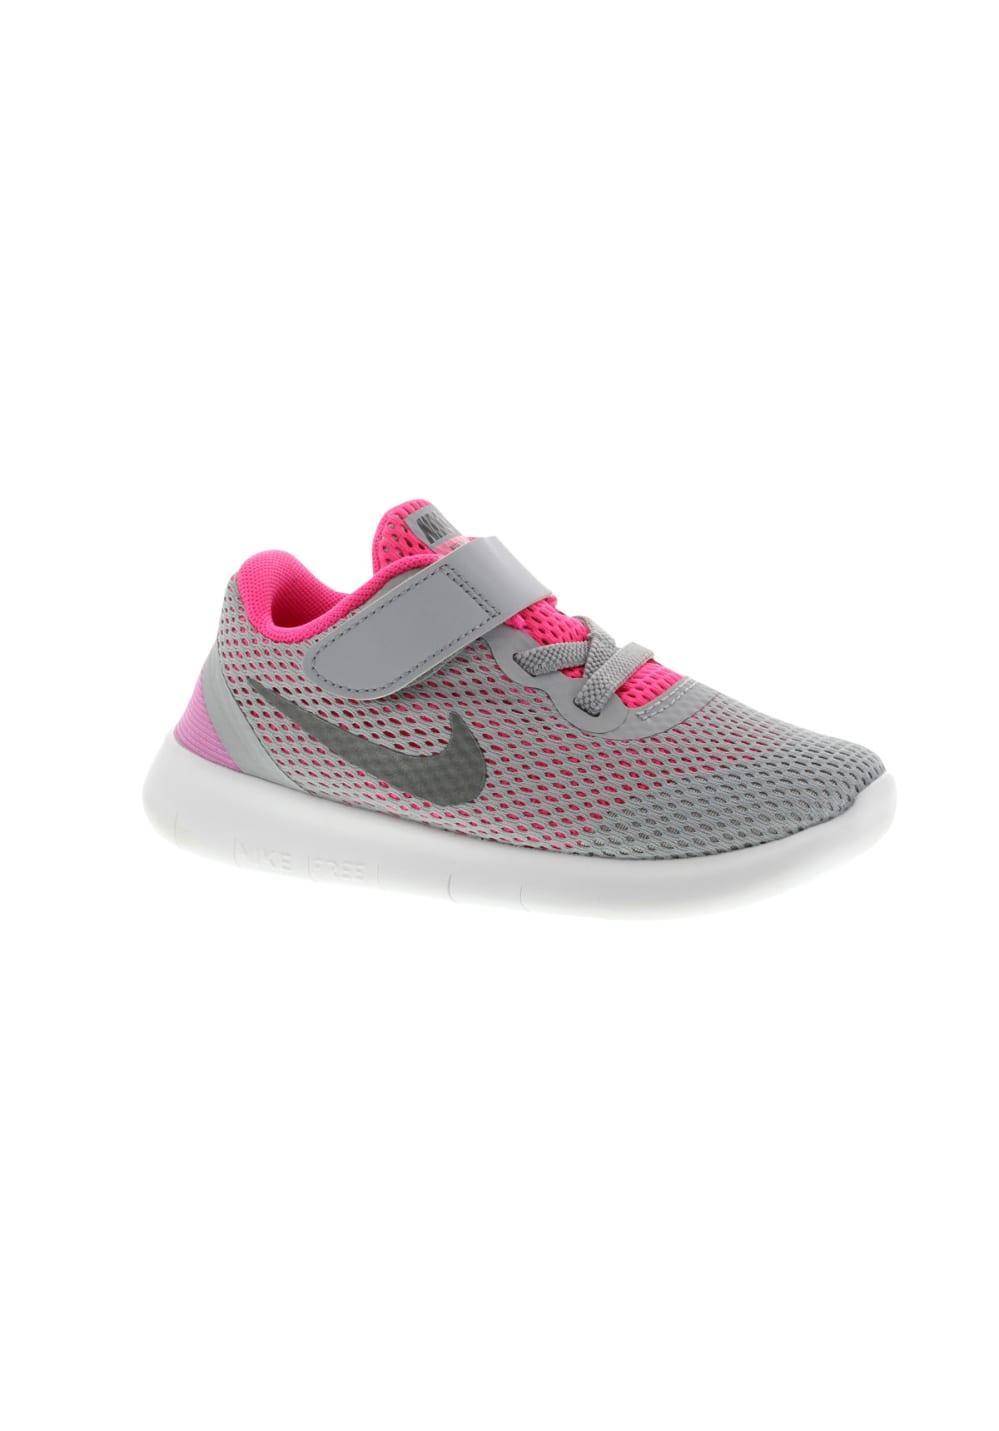 Nike Free Run TDV - Laufschuhe für Mädchen - Grau